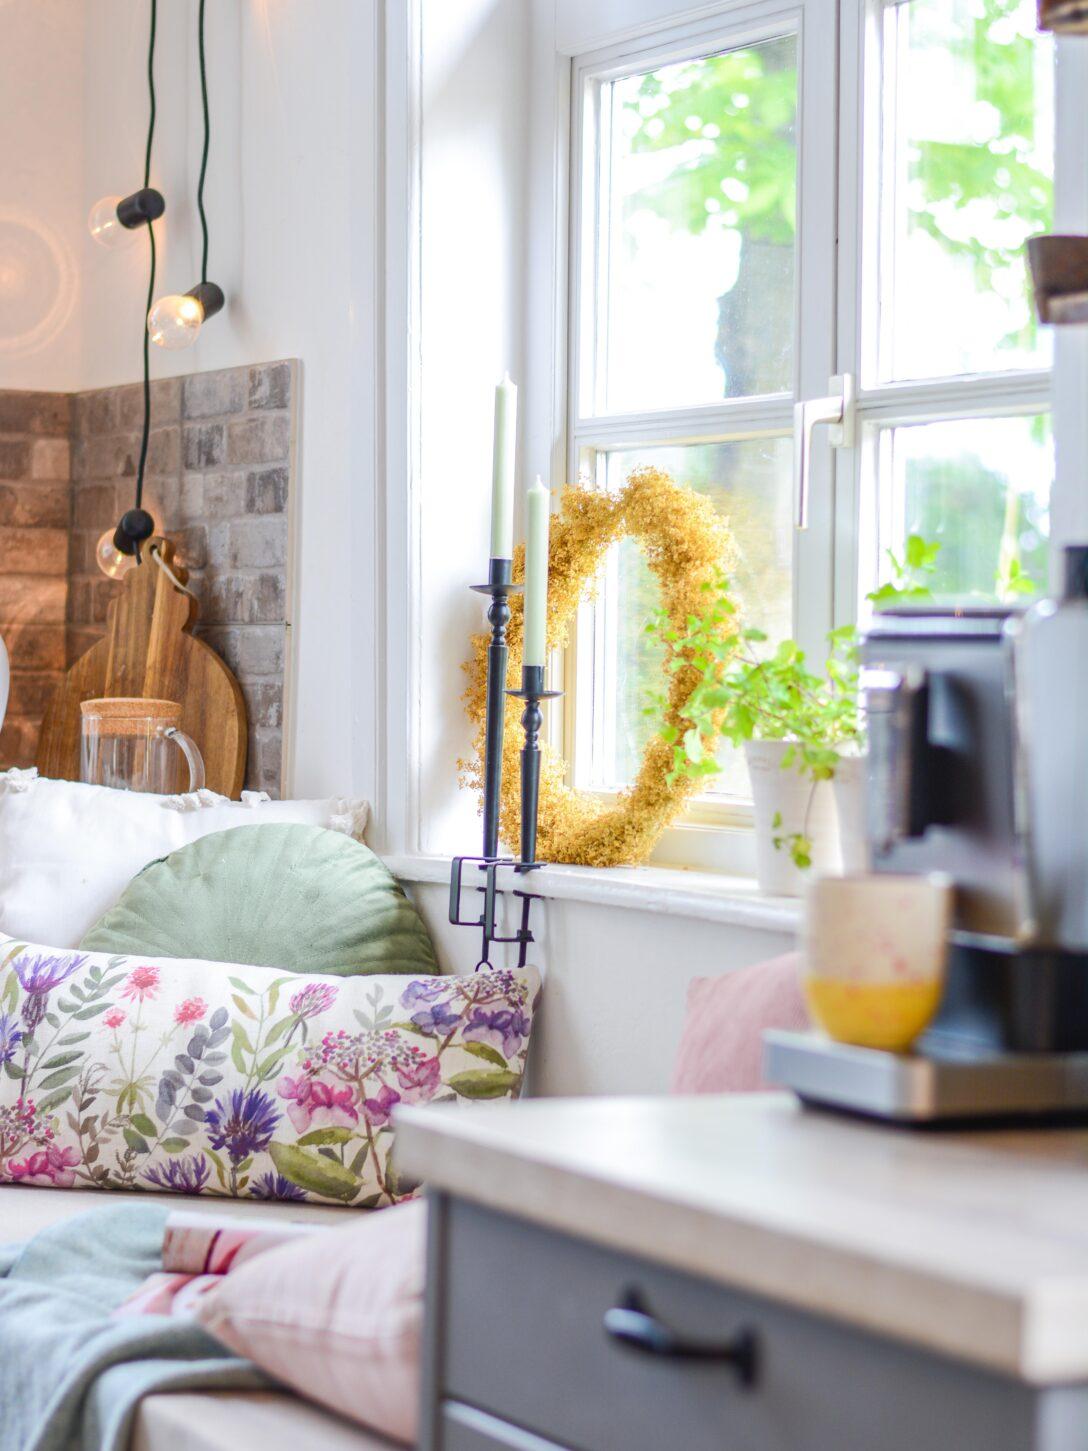 Large Size of Ikea Küchenbank Kchenbank Bilder Ideen Couch Küche Kosten Kaufen Miniküche Betten 160x200 Modulküche Bei Sofa Mit Schlaffunktion Wohnzimmer Ikea Küchenbank